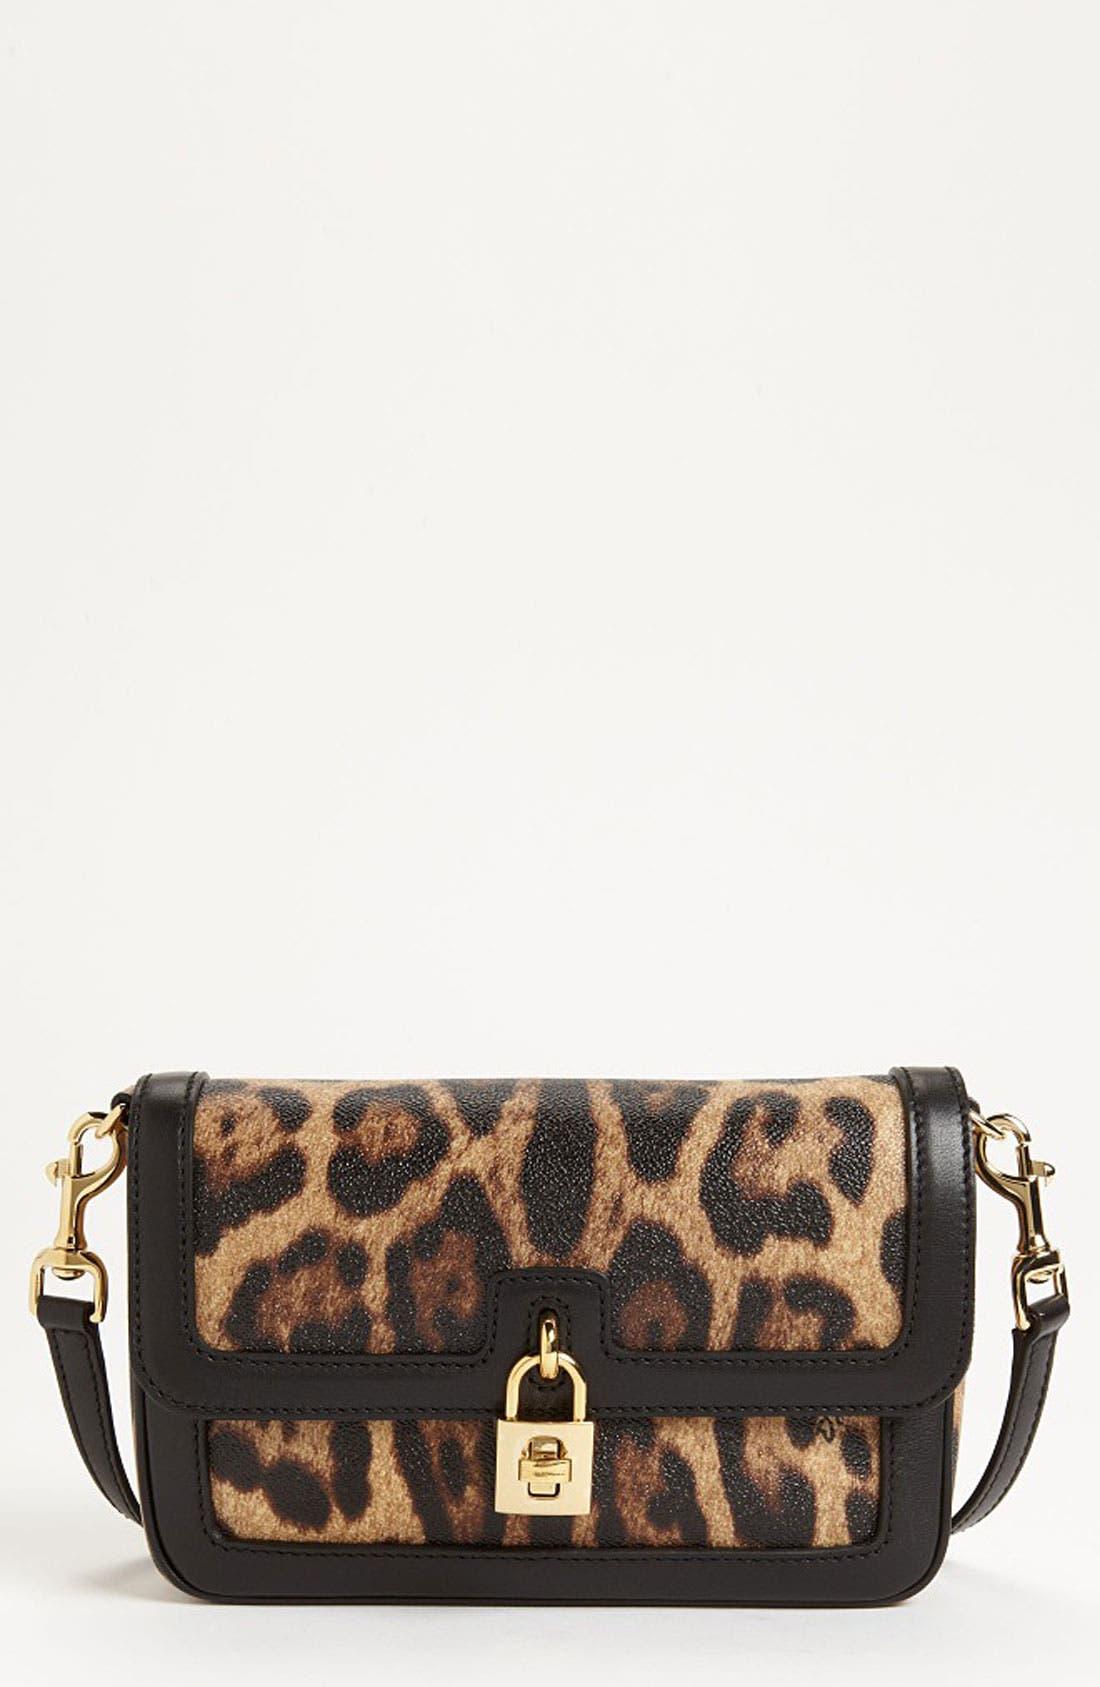 Main Image - Dolce&Gabbana 'Miss Dolce' Crossbody Bag